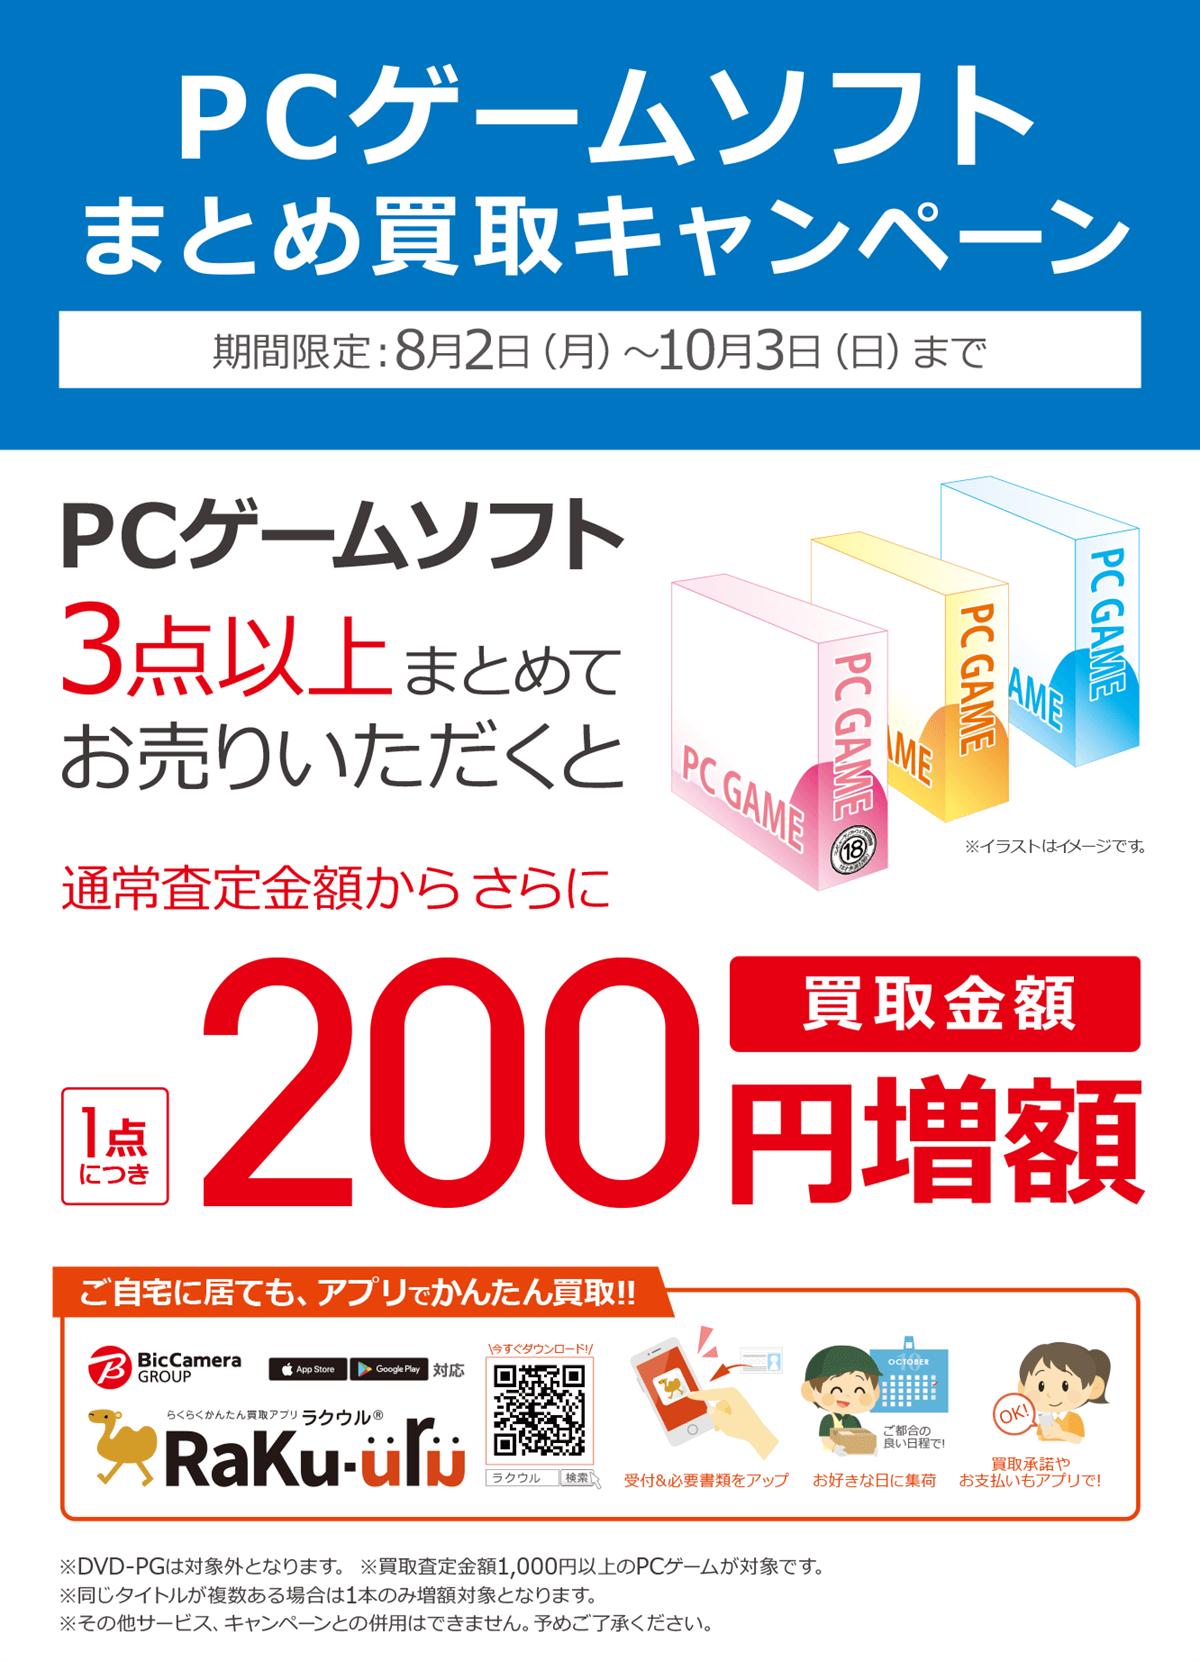 PCゲームソフト まとめ買取キャンペーン